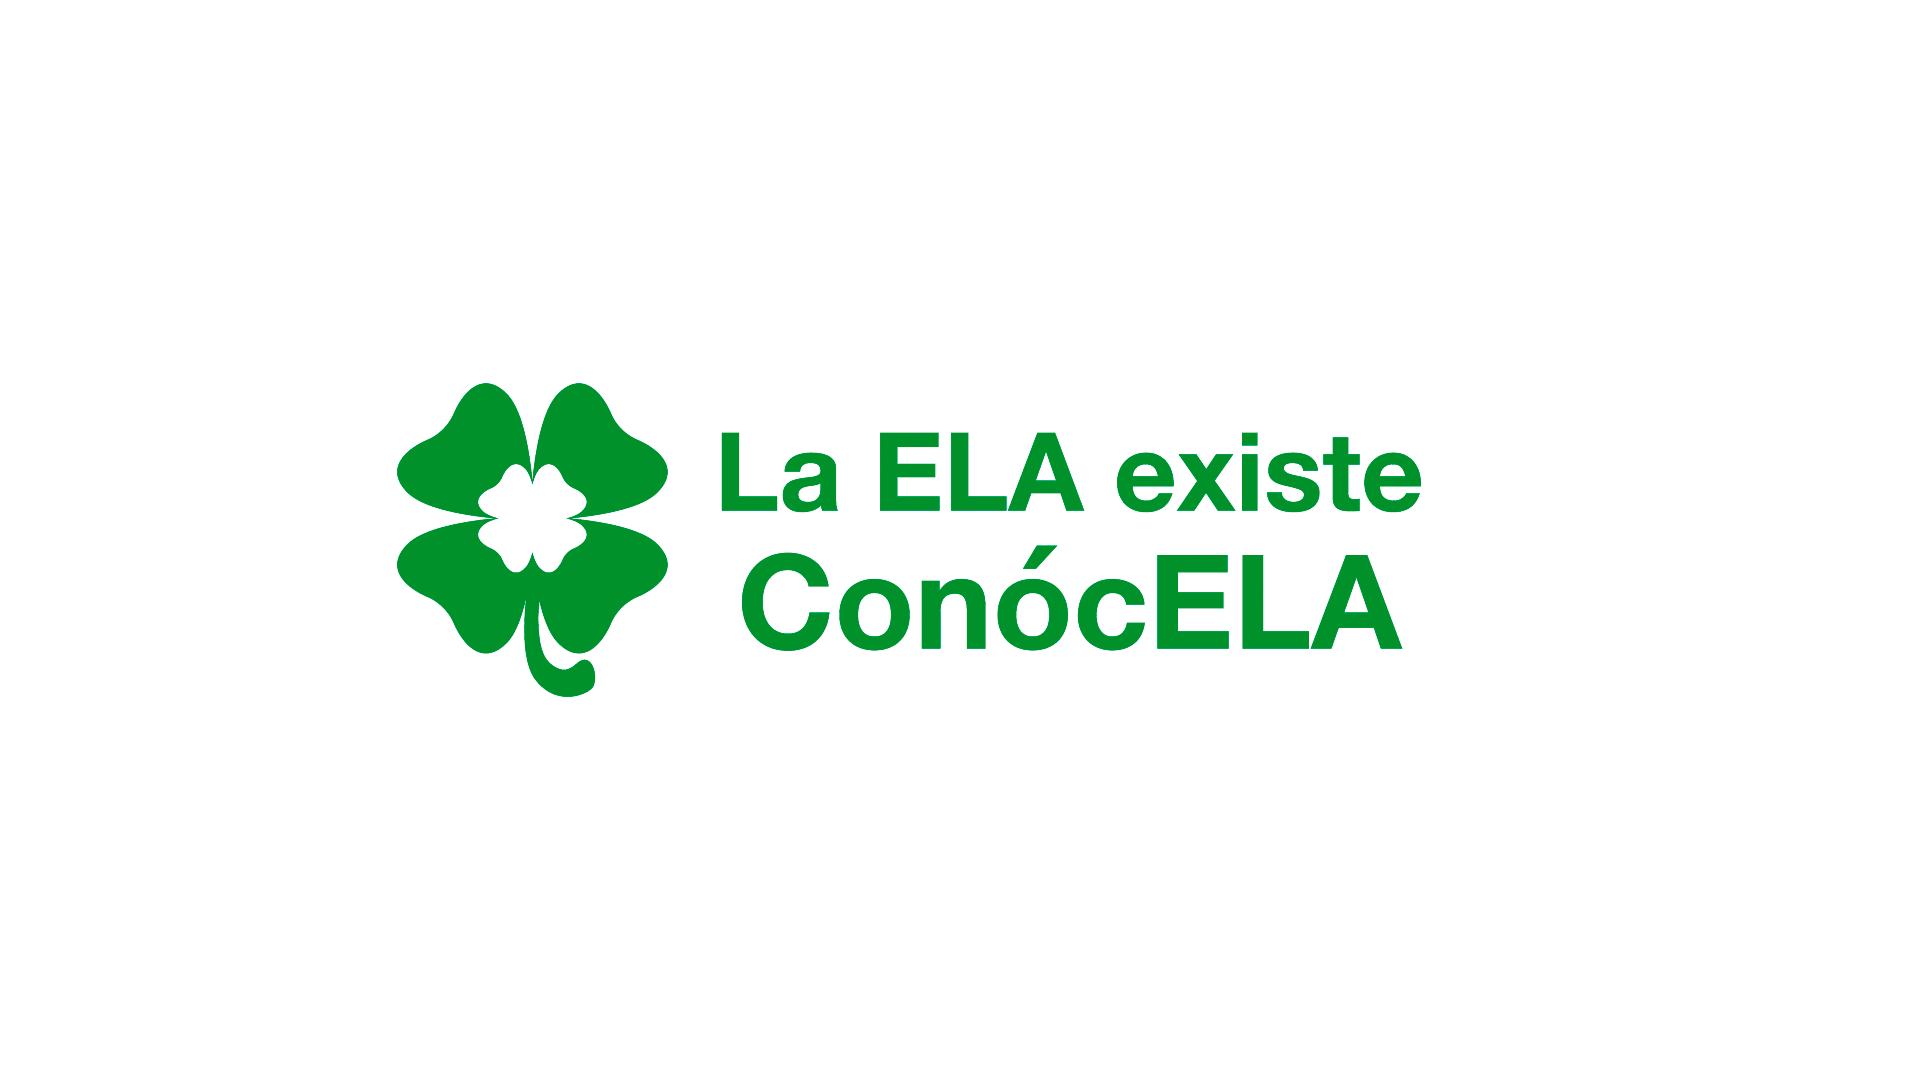 INVESTIGACIÓN CONTRA LA ELA